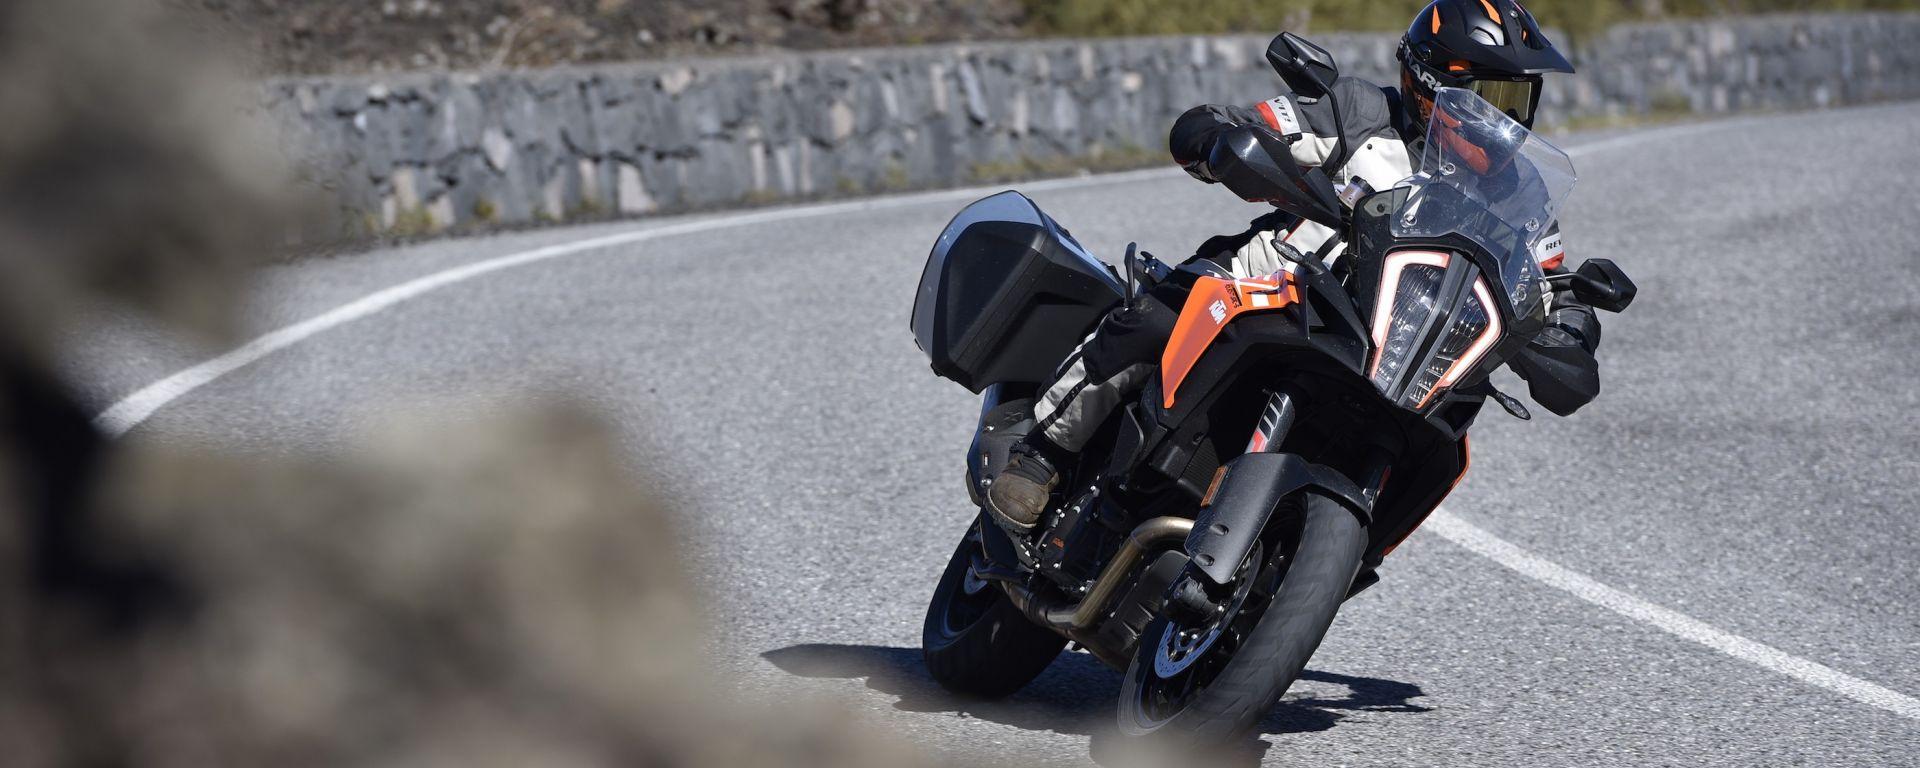 KTM 1290 Super Adventure-S, sulle strade intorno all'Etna